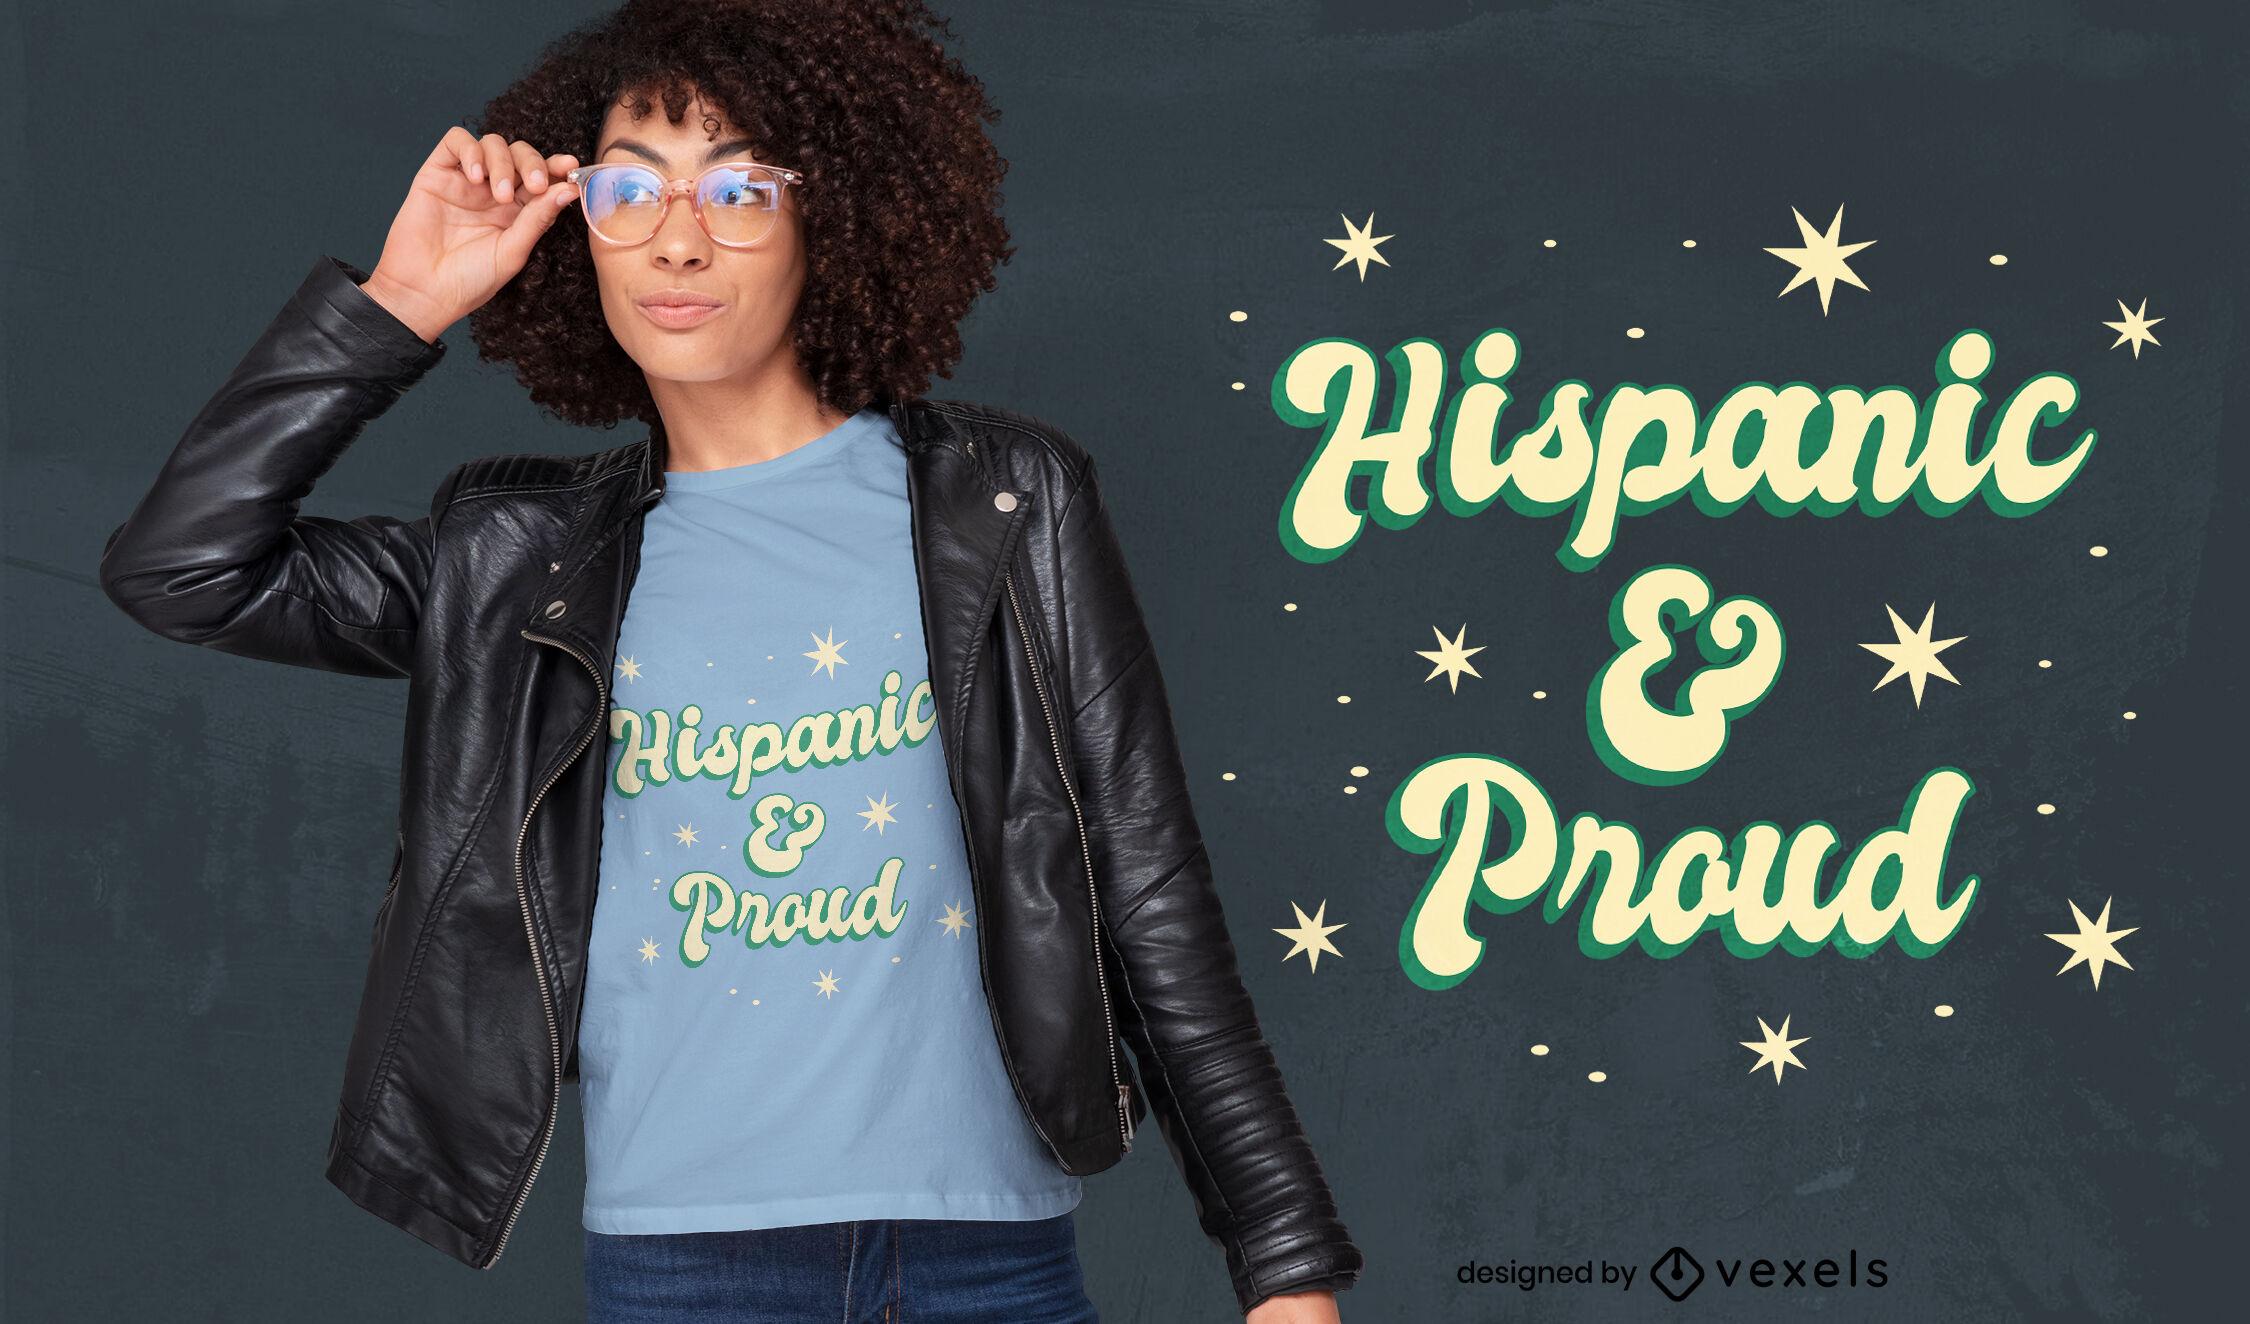 Diseño de camiseta con cita hispana y orgullosa